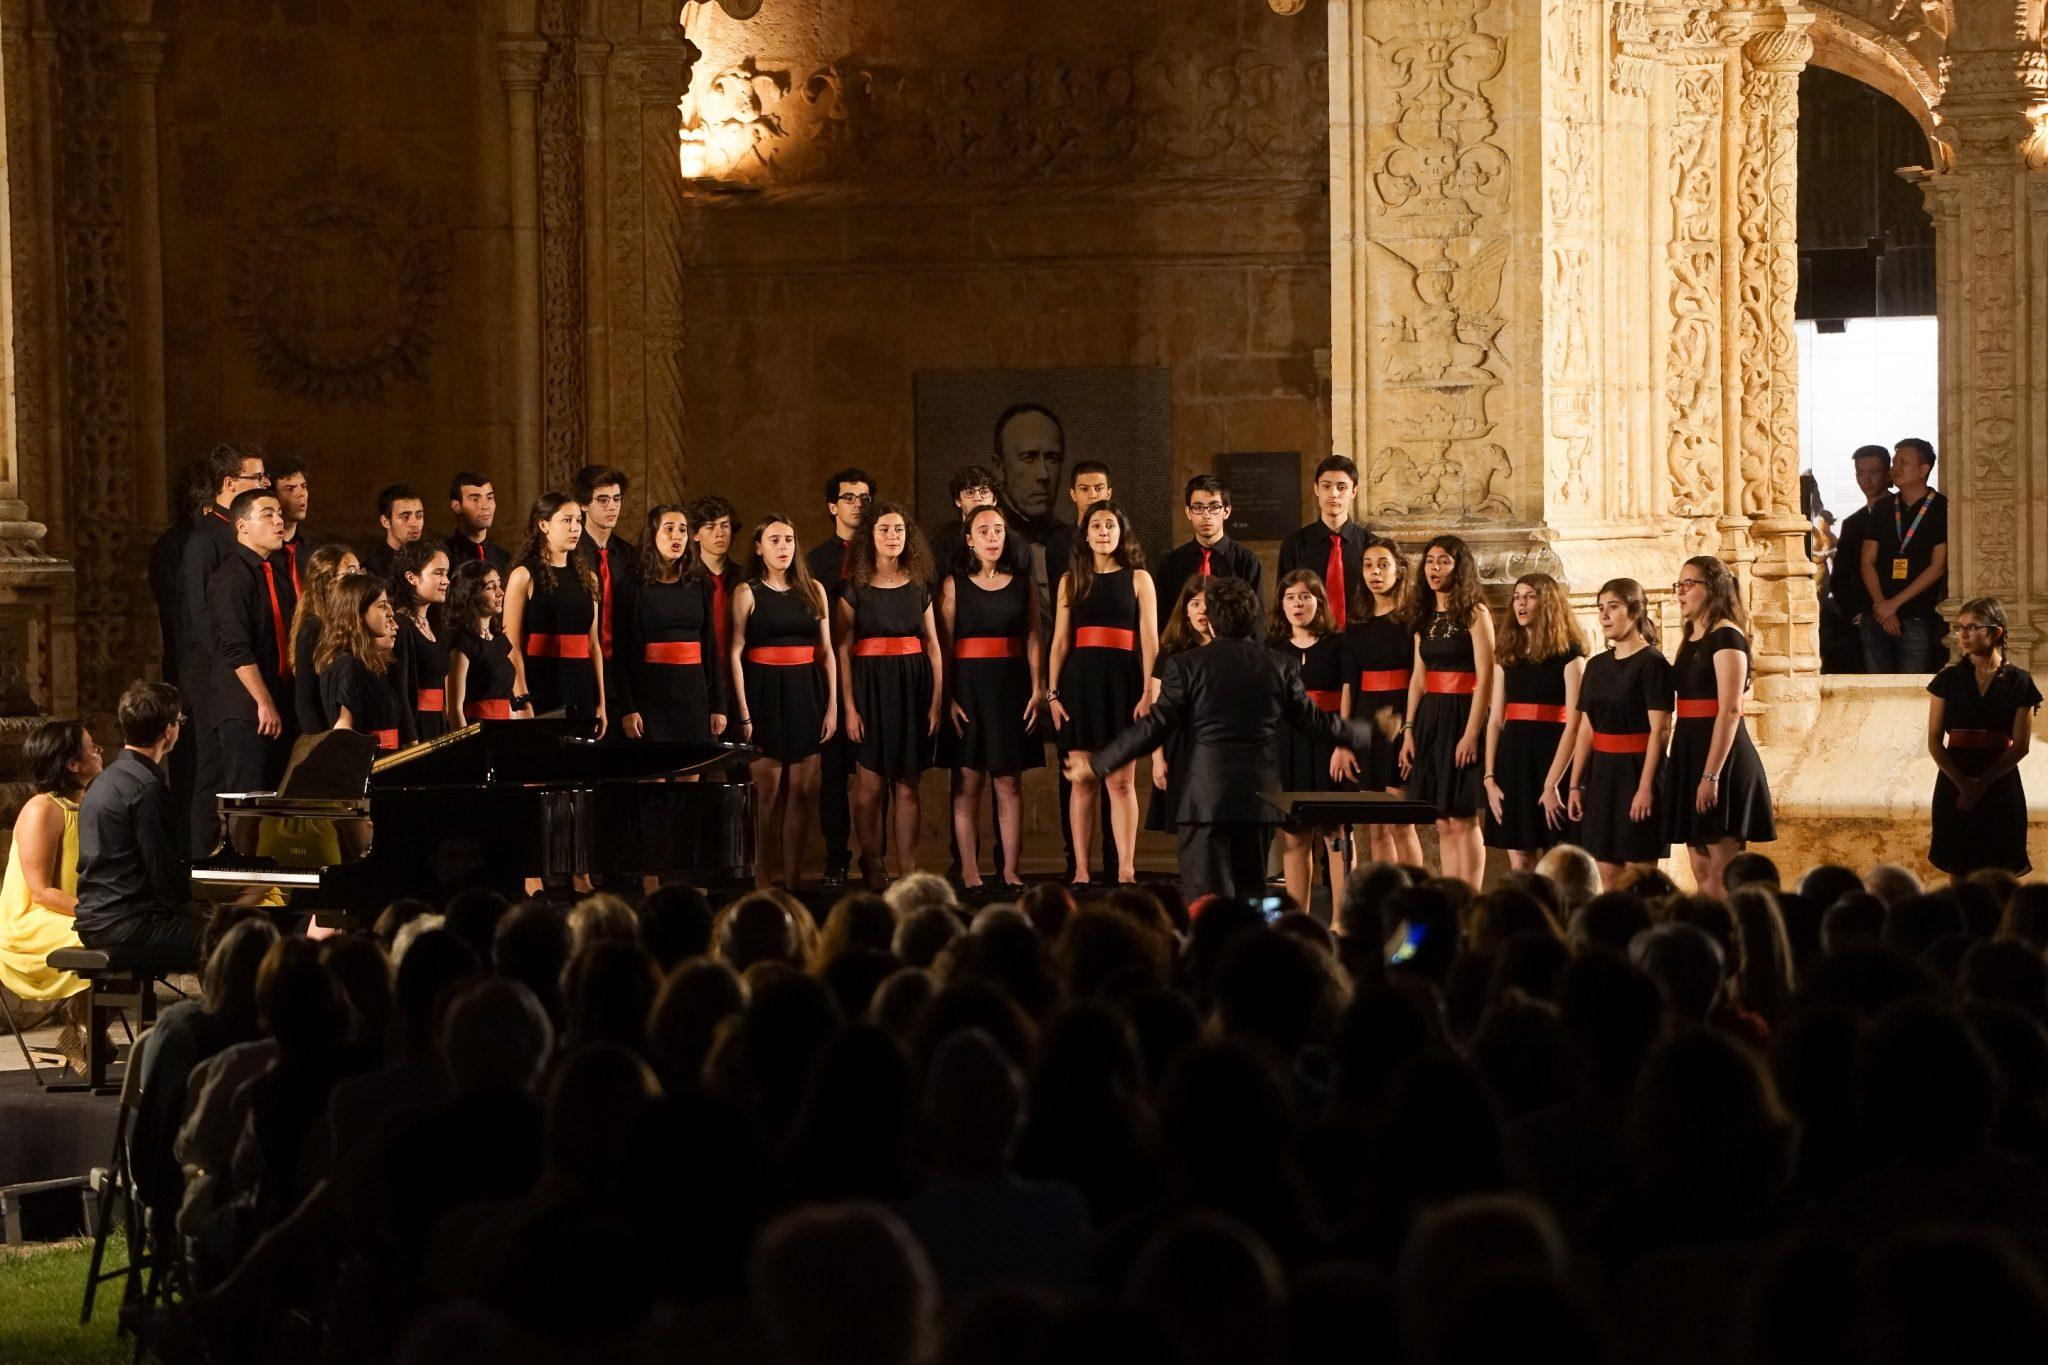 Jovens vestidos de negro com apontamentos vermelhos (no caso dos rapazes uma gravata, no caso das raparigas uma tira à cintura) cantam no Claustro do Mosteiro dos Jerónimos à noite. À sua frente podem ver-se as cabeças dos espetadores